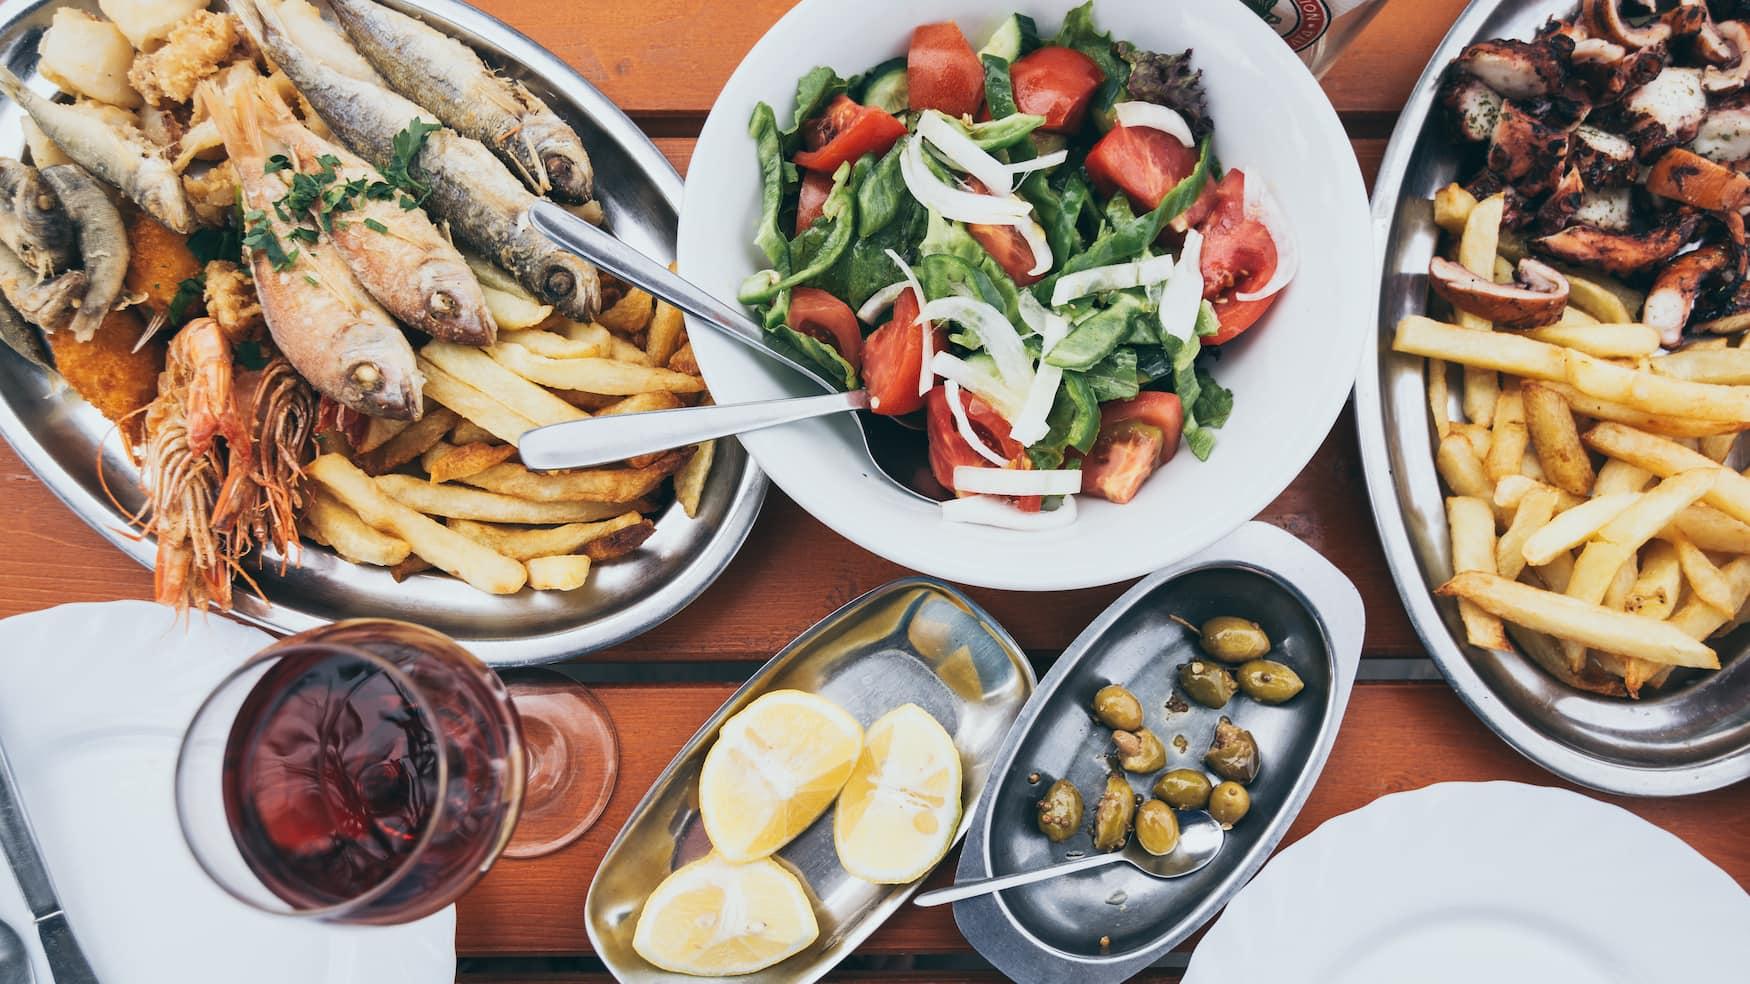 Typisch auf Zypern: Mezé, viele verschiedene kleine Gerichte